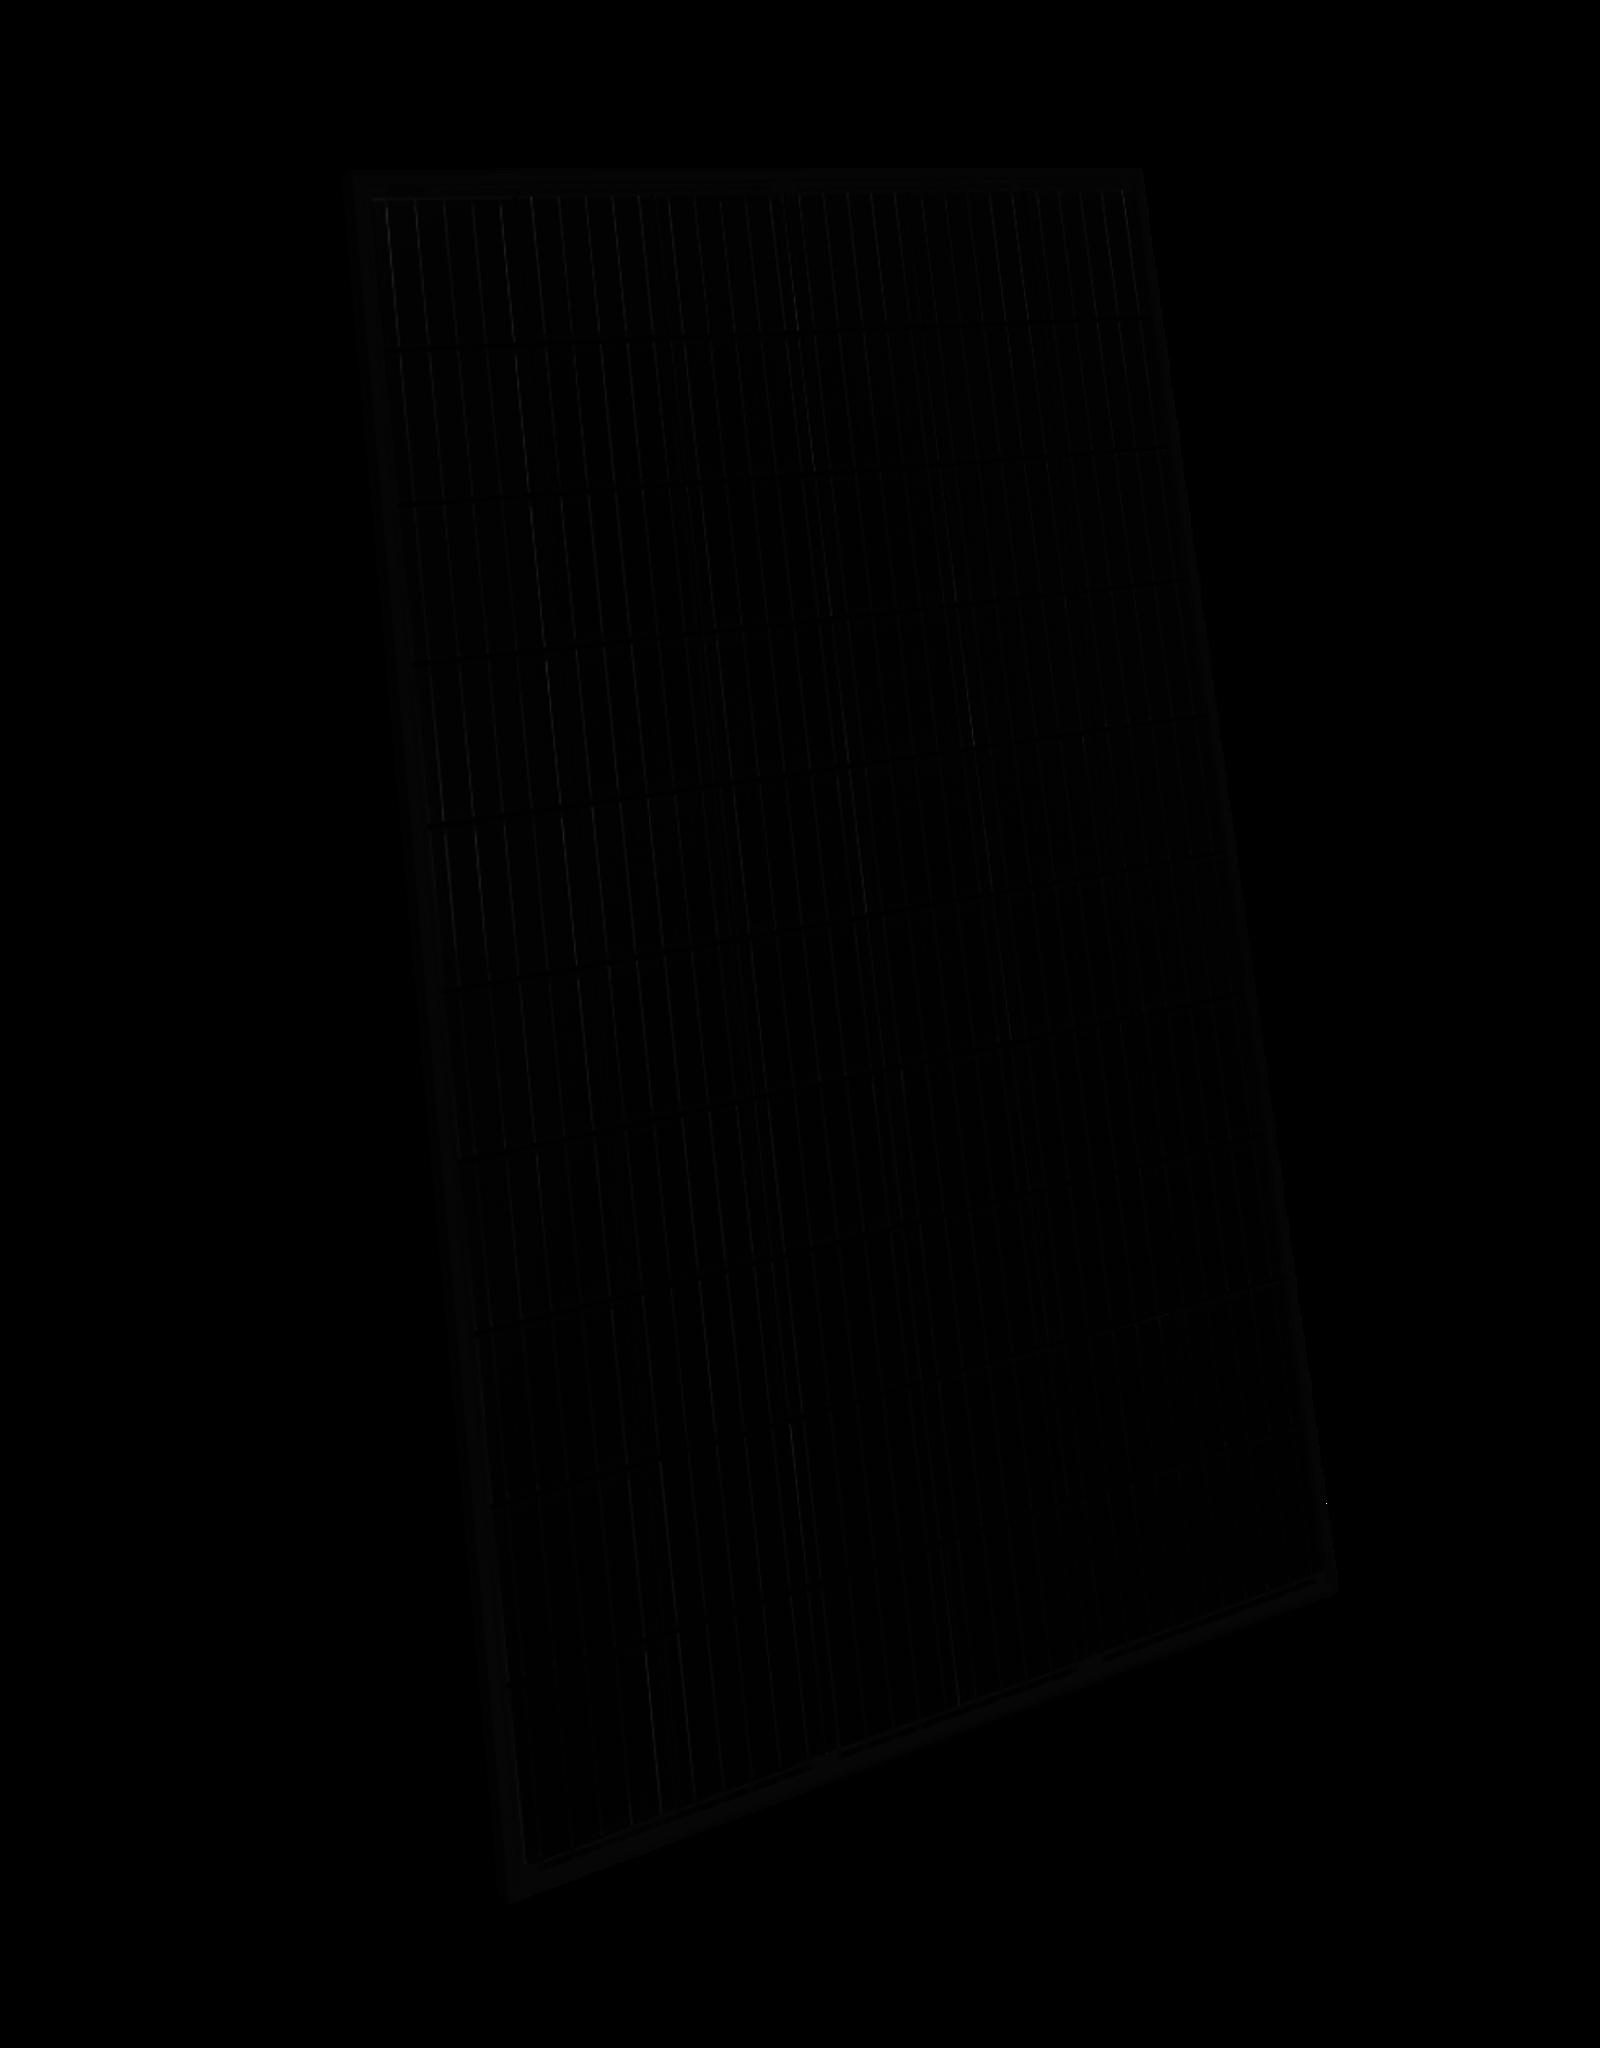 Pakket voor zelfinstallatie Pakket met 14 Jinko Solar monokristallijne Full Black panelen, SolarEdge omvormer en Esdec Clickfit EVO montagematerialen